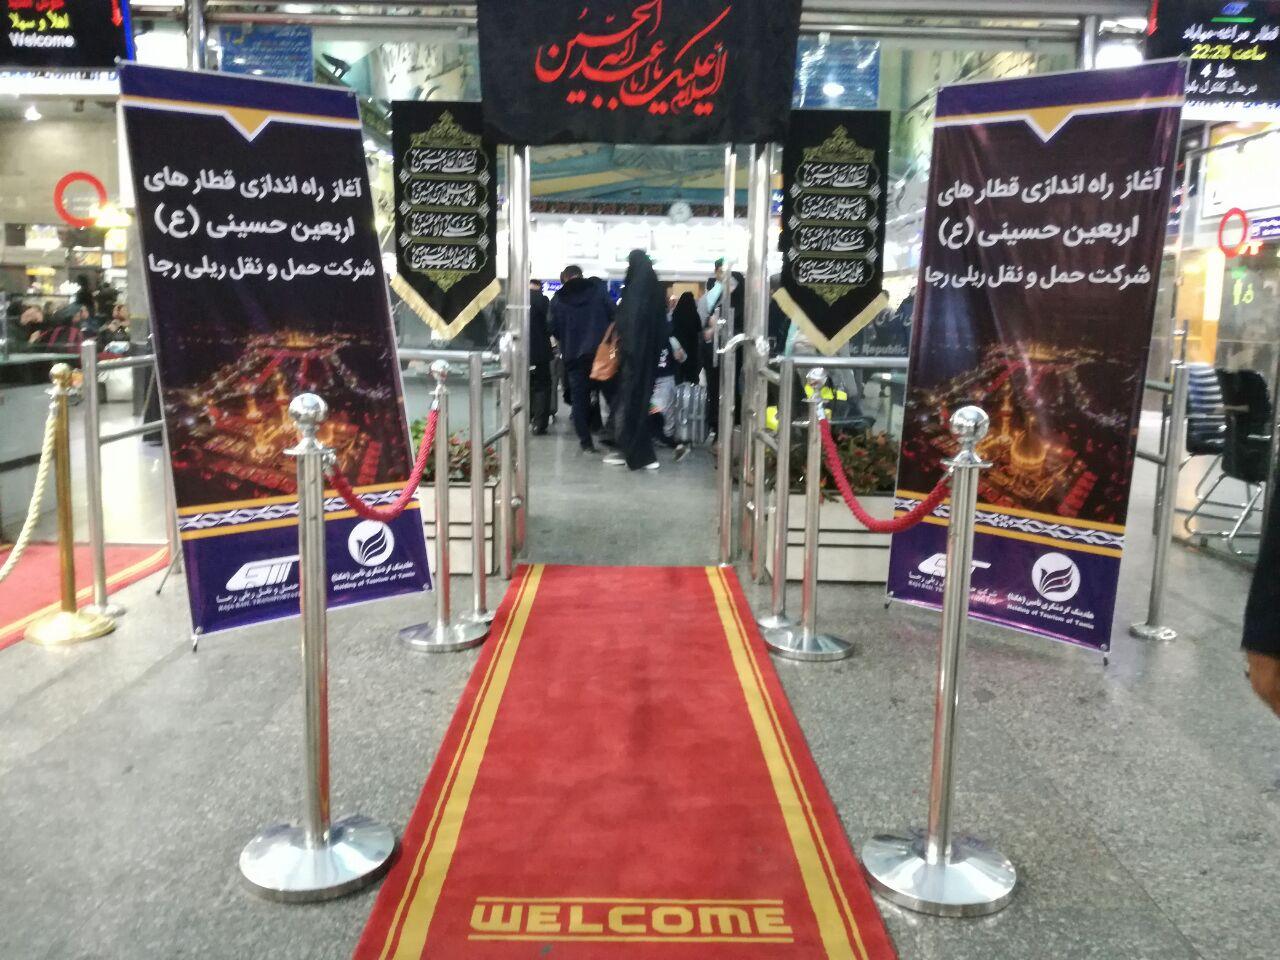 سوت اولین قطار بسمت کرمانشاه جهت اعزام زائرین اربعین از ایستگاه راه اهن تهران بصدا درآمد